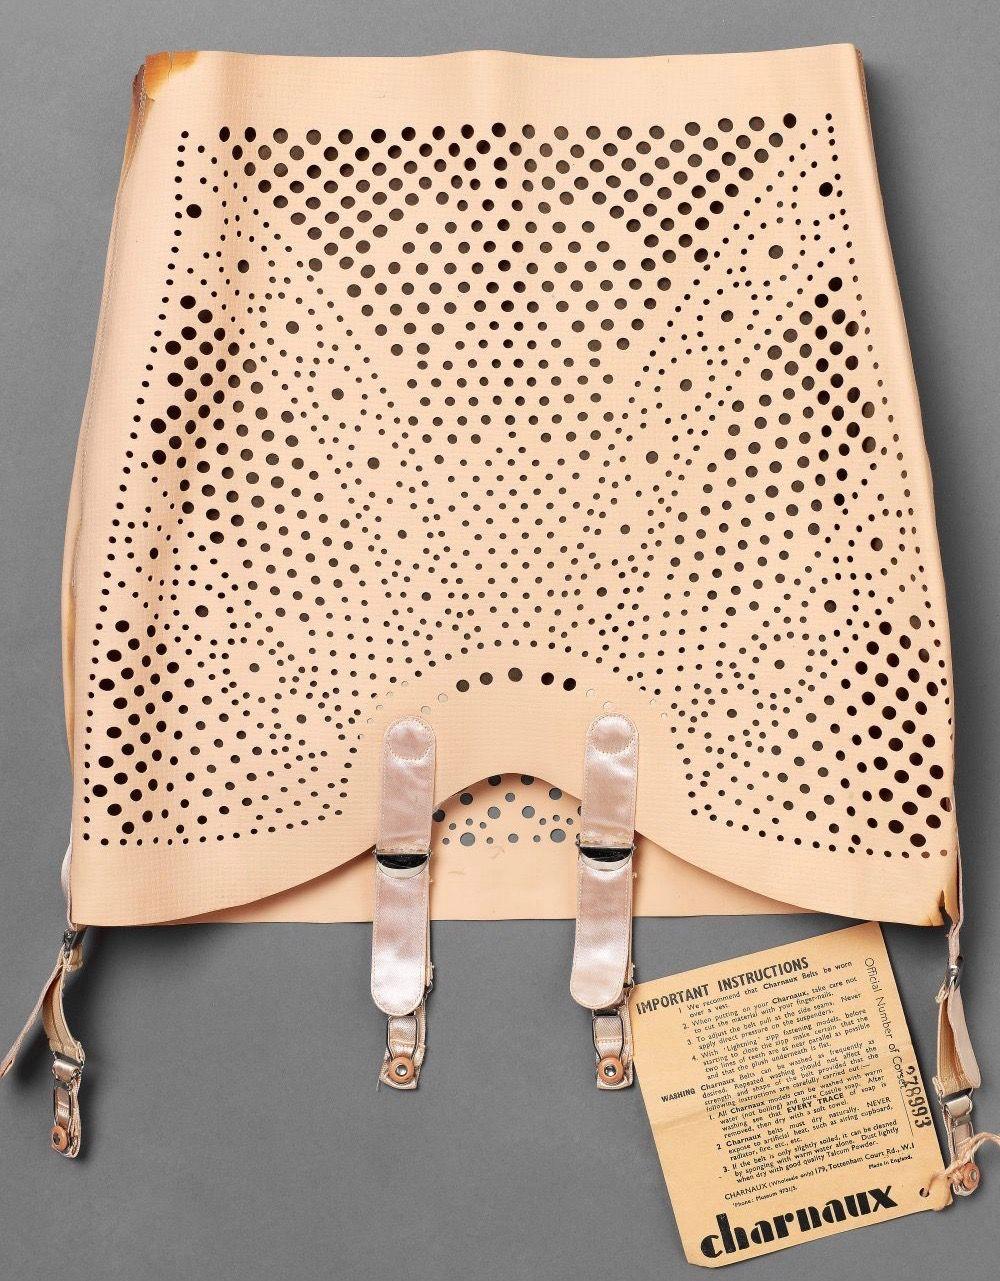 aaee2ae4d04 1930s Rubber Corset. 1930s Rubber Corset Vintage ...